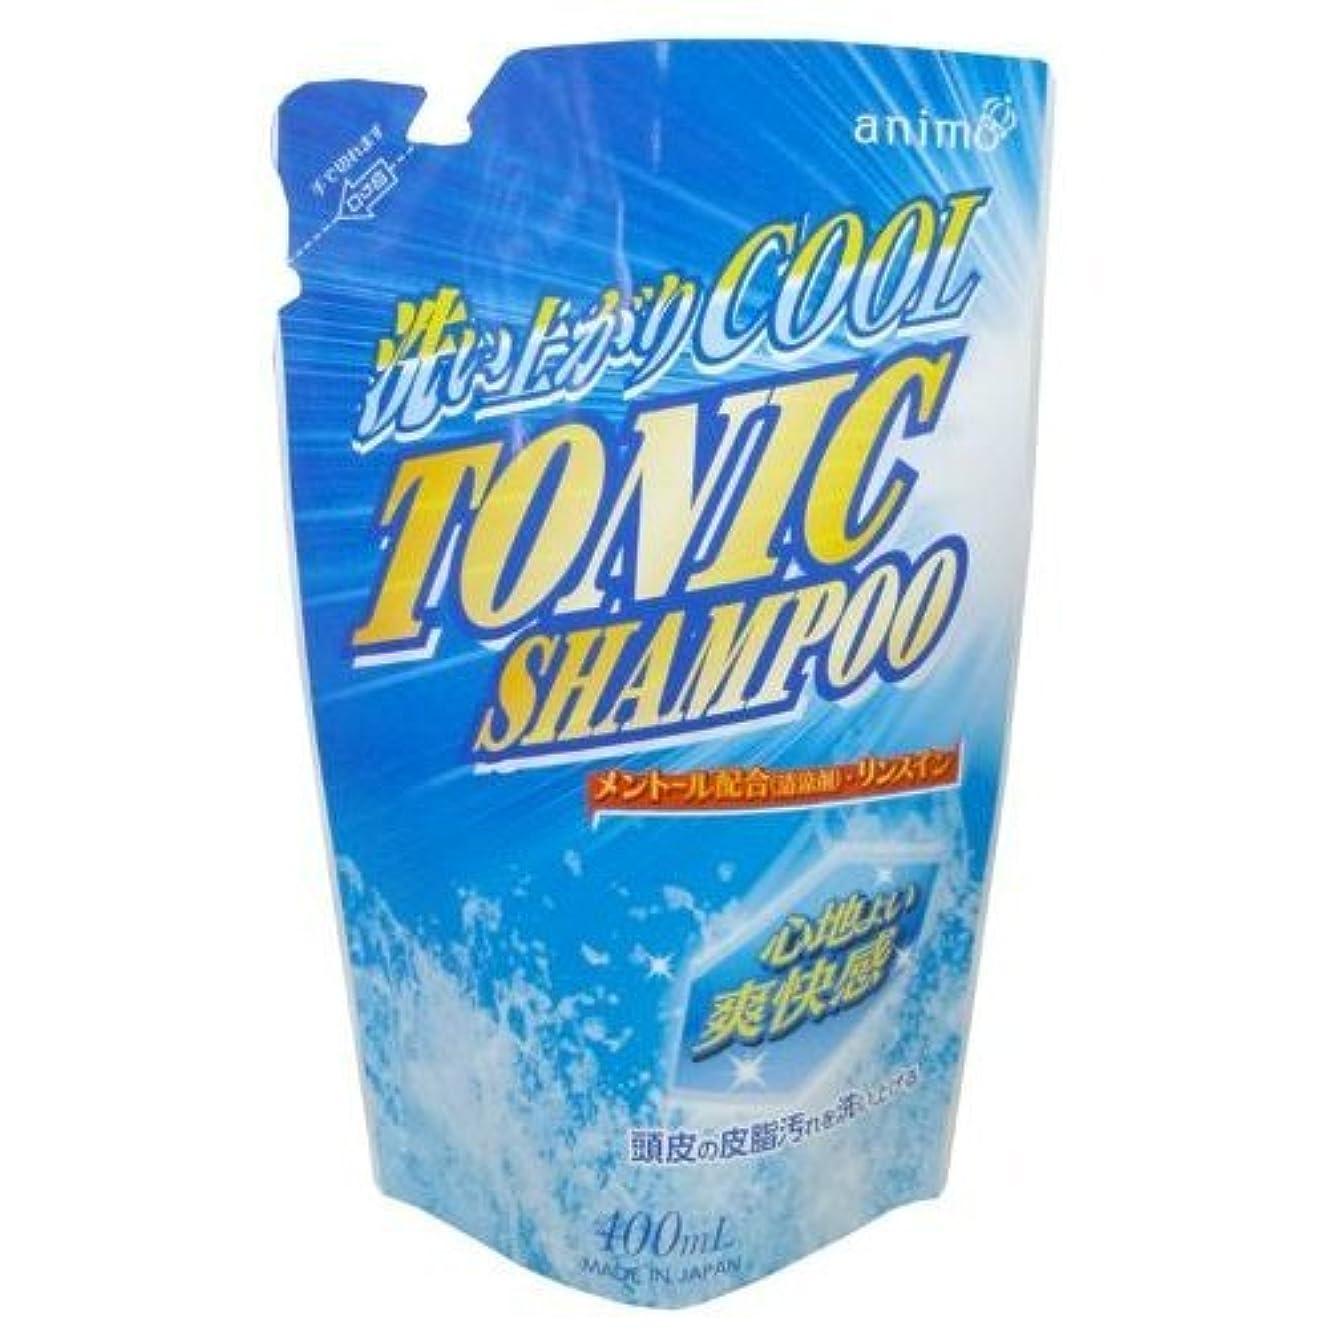 爆発する料理ハムロケット石鹸 トニックシャンプー 詰替用 400ml ×10点セット(4571113801403)